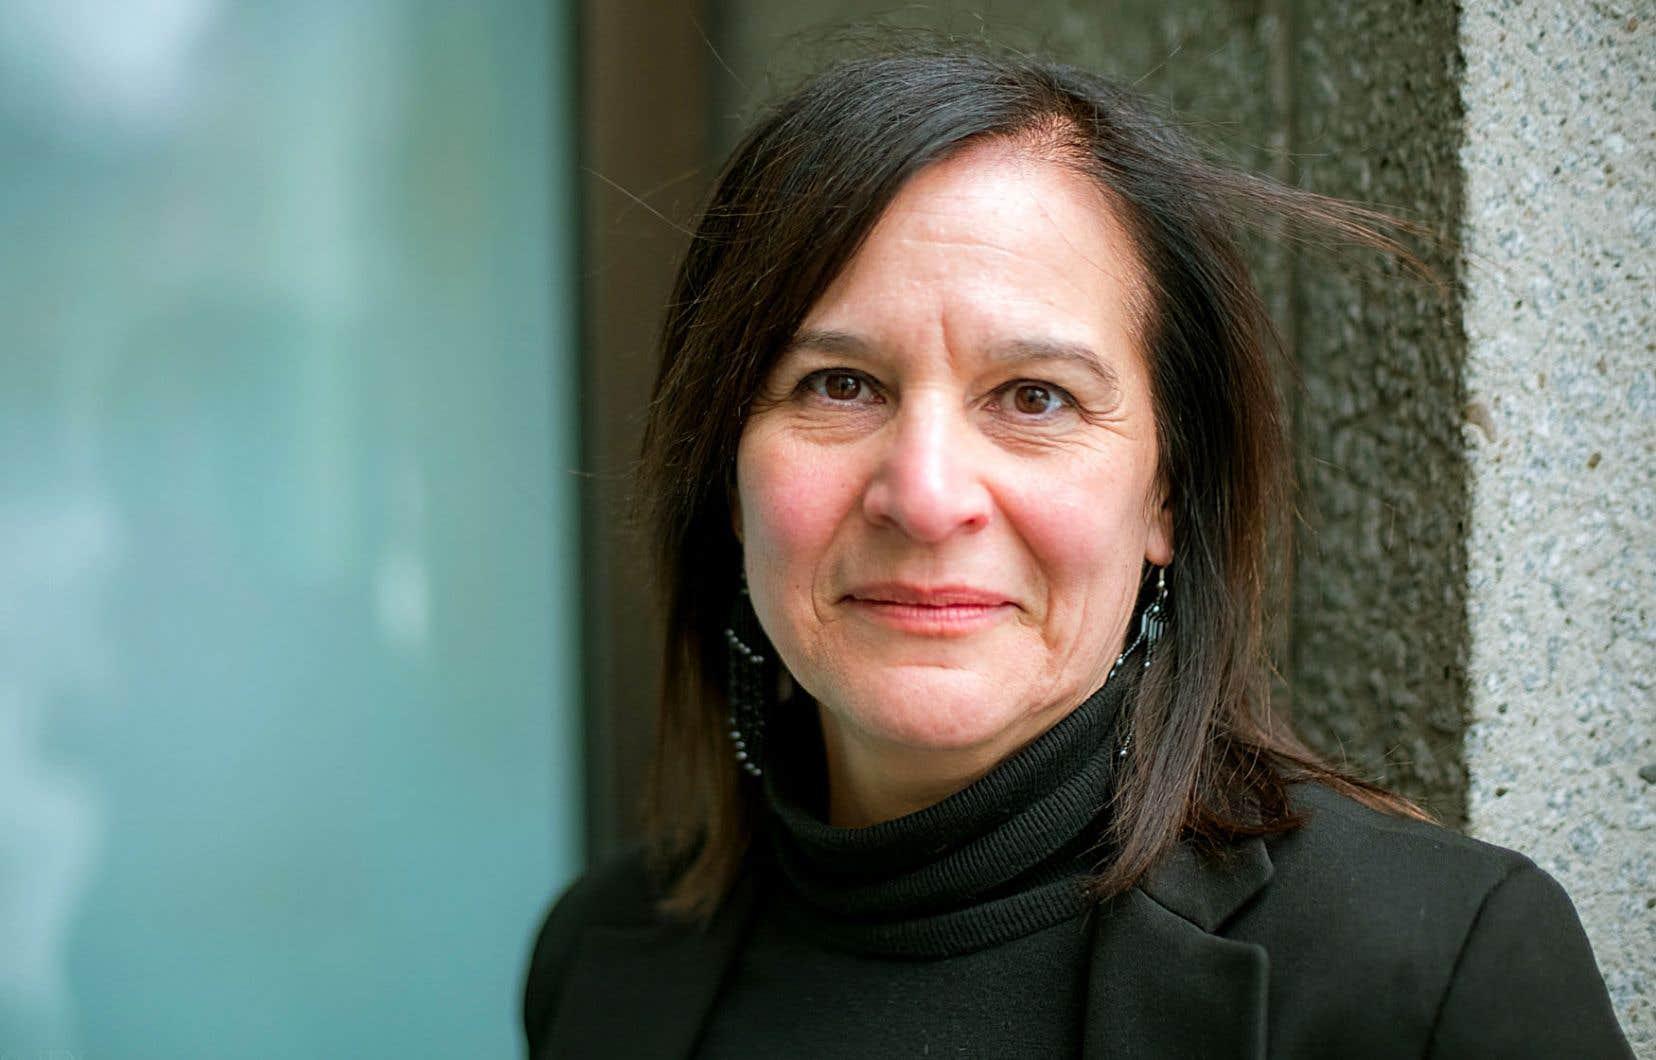 Edith Cloutier, du Centre d'amitié autochtone de Val-d'Or, croit qu'un système autonome, qui respecte les réalités locales, doit être mis en place pour les enfants autochtones.